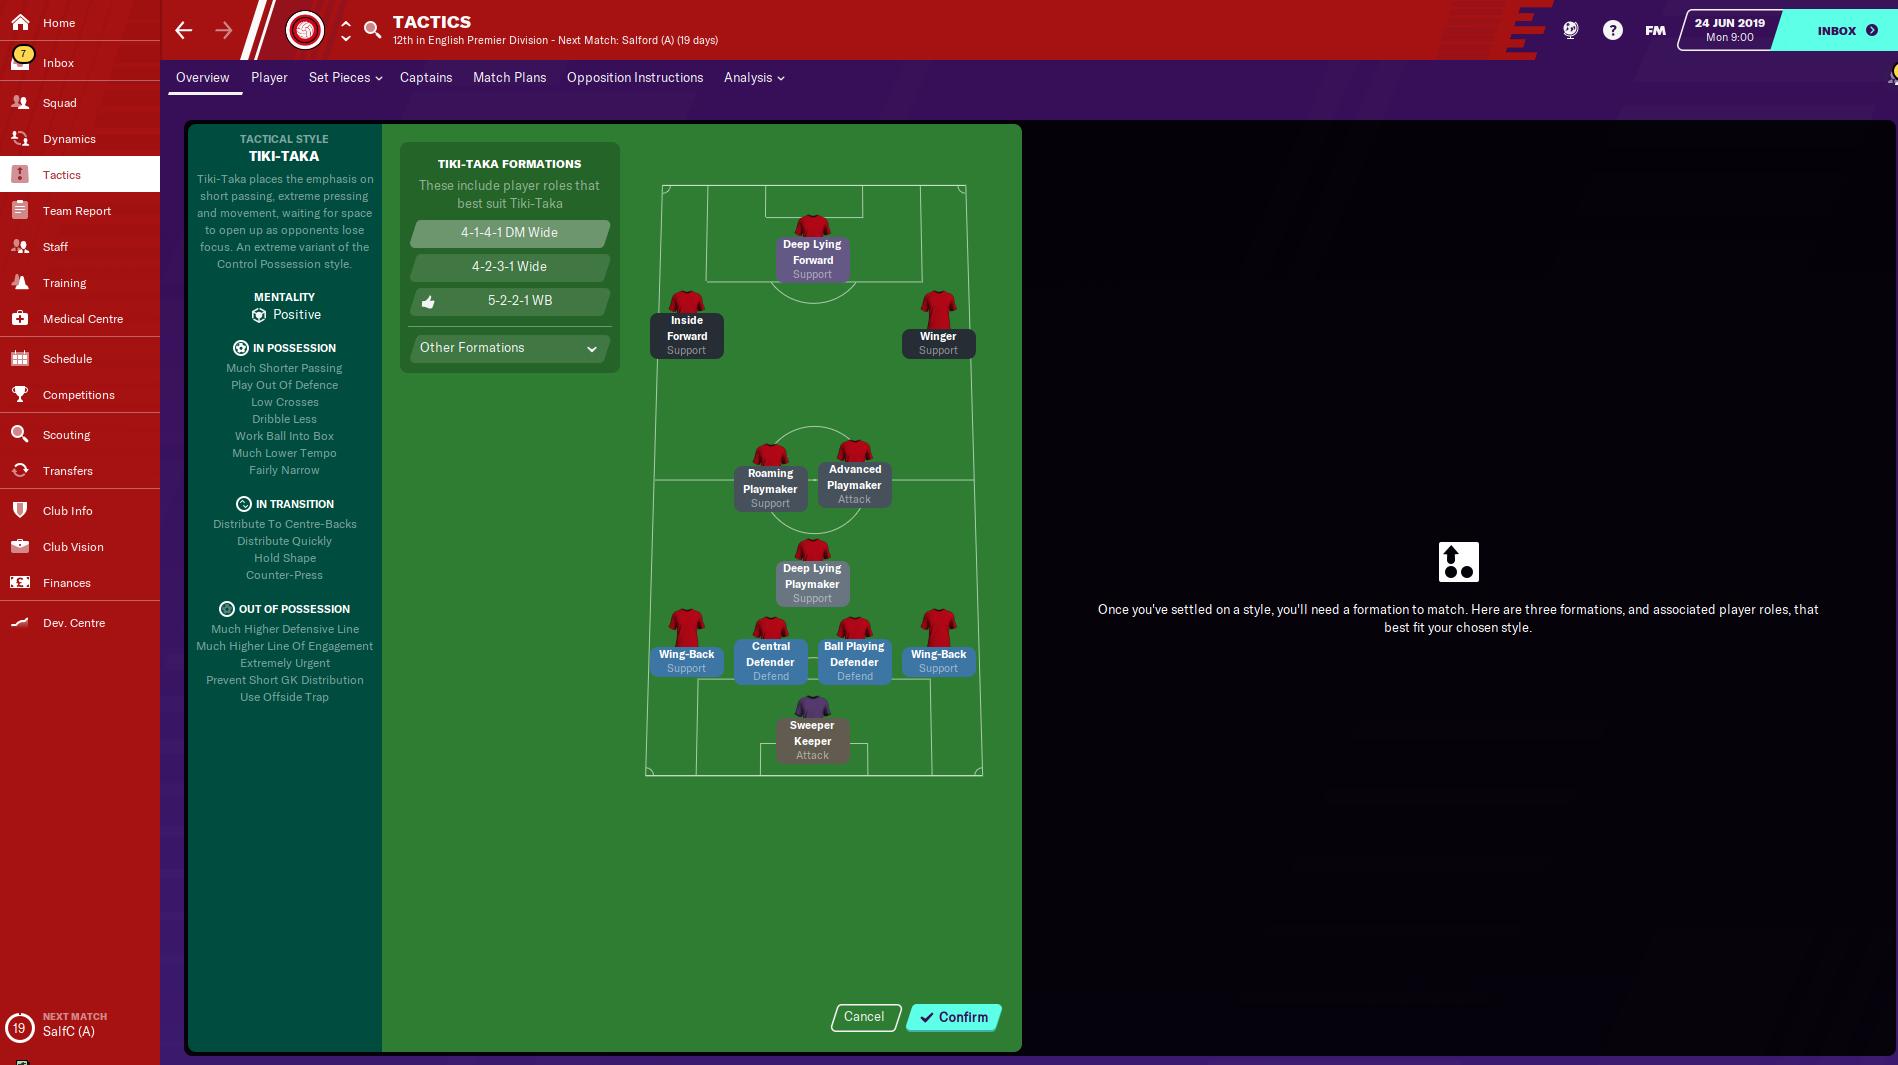 Tiki-taka es la táctica ideal de Man Utd en FM20